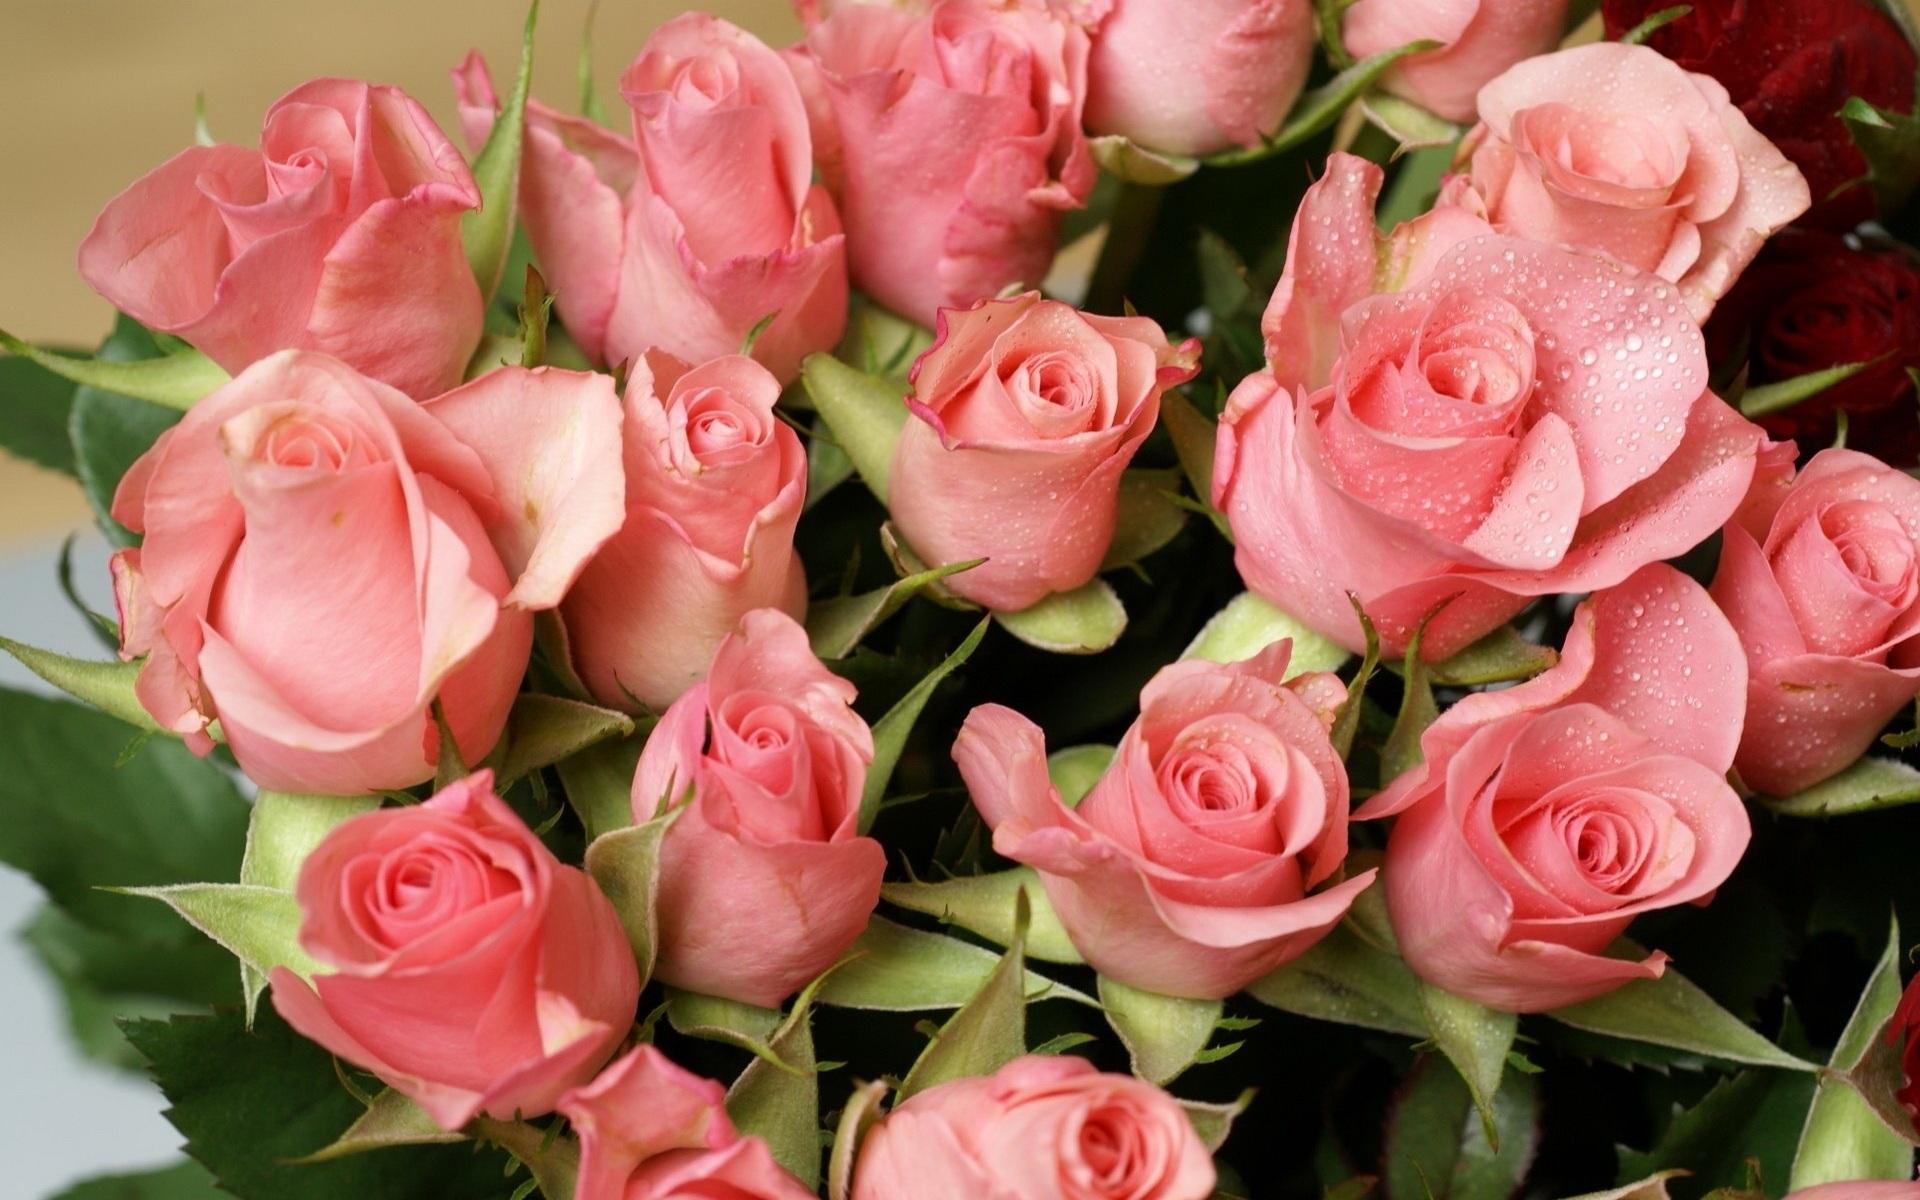 рекомендуют красивые открытки картинки фото цветов вместе никогда забудем